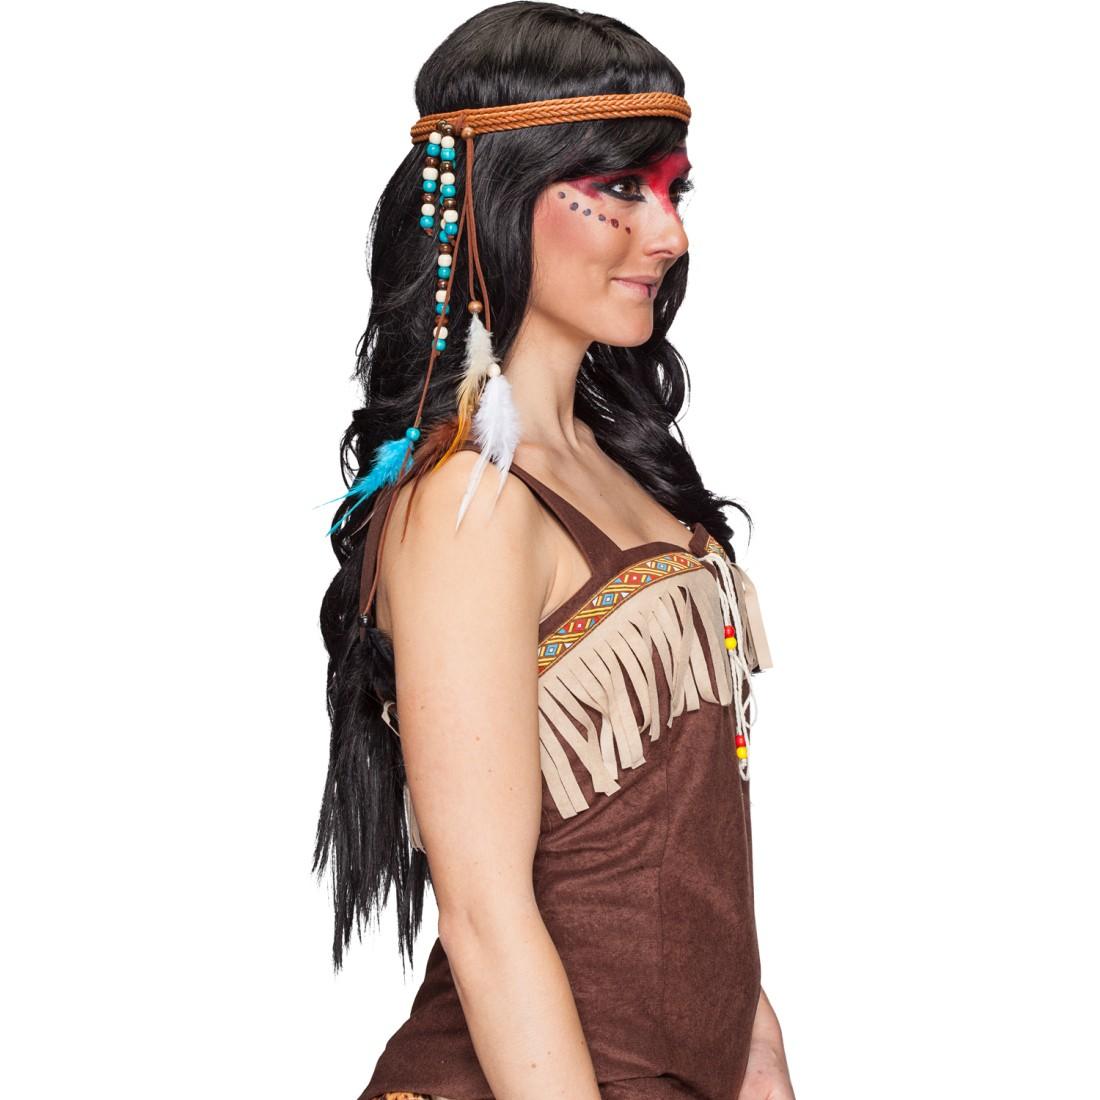 feder stirnband indianer kopfschmuck 7 99. Black Bedroom Furniture Sets. Home Design Ideas